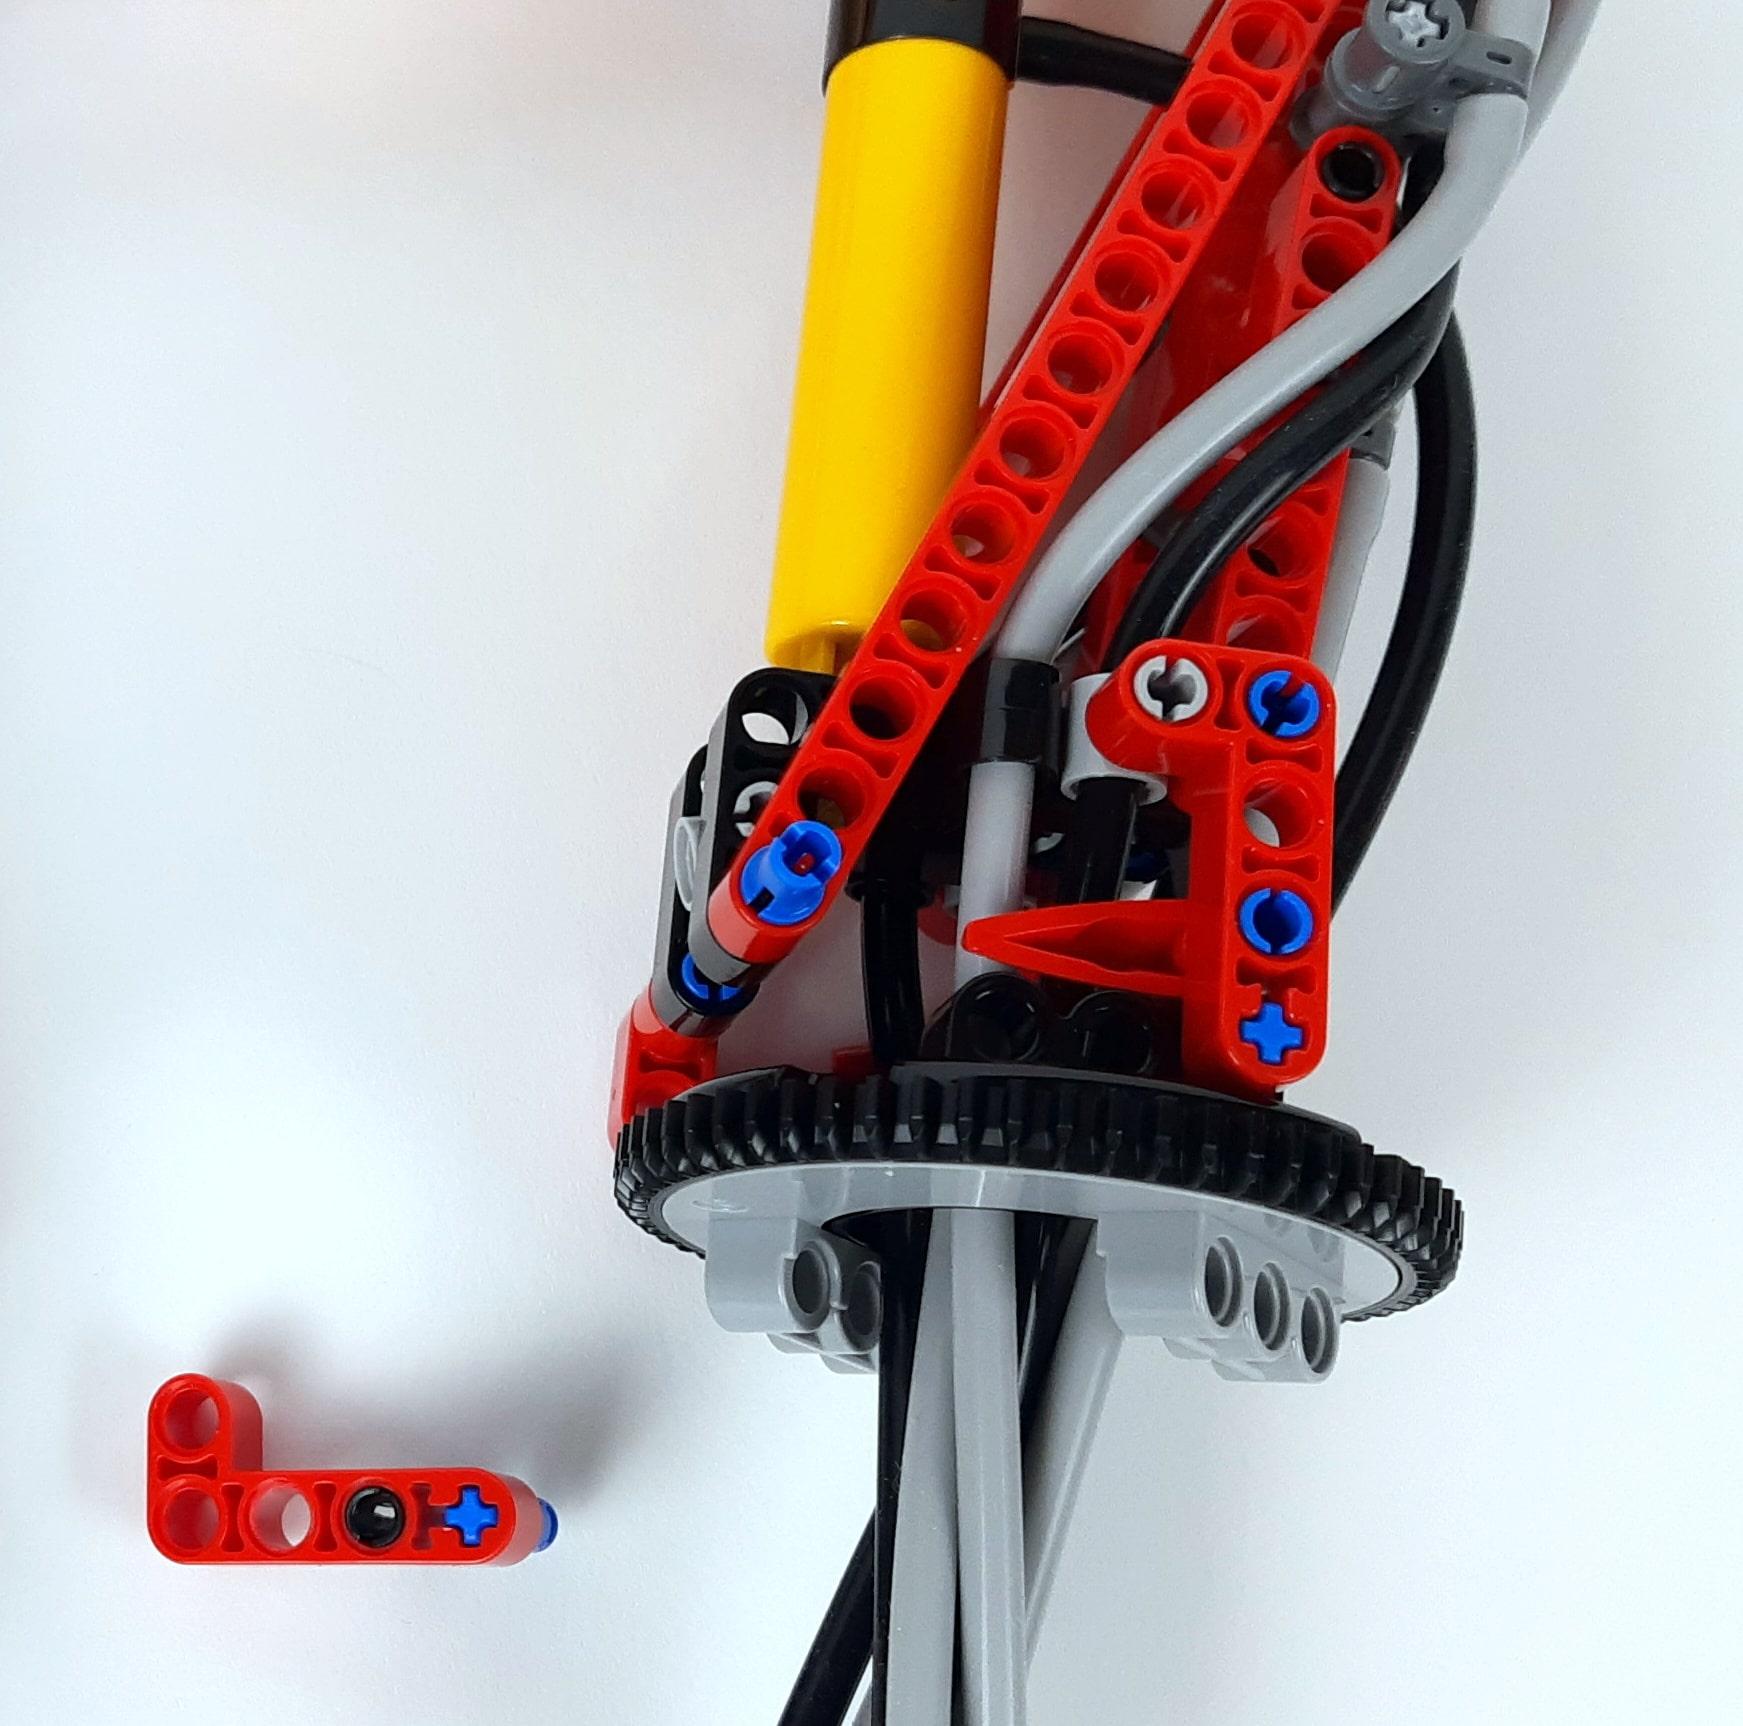 LEGO 42023 Mercedes-Benz Arocs B-Modell - Detail unzerlegter Ladekran